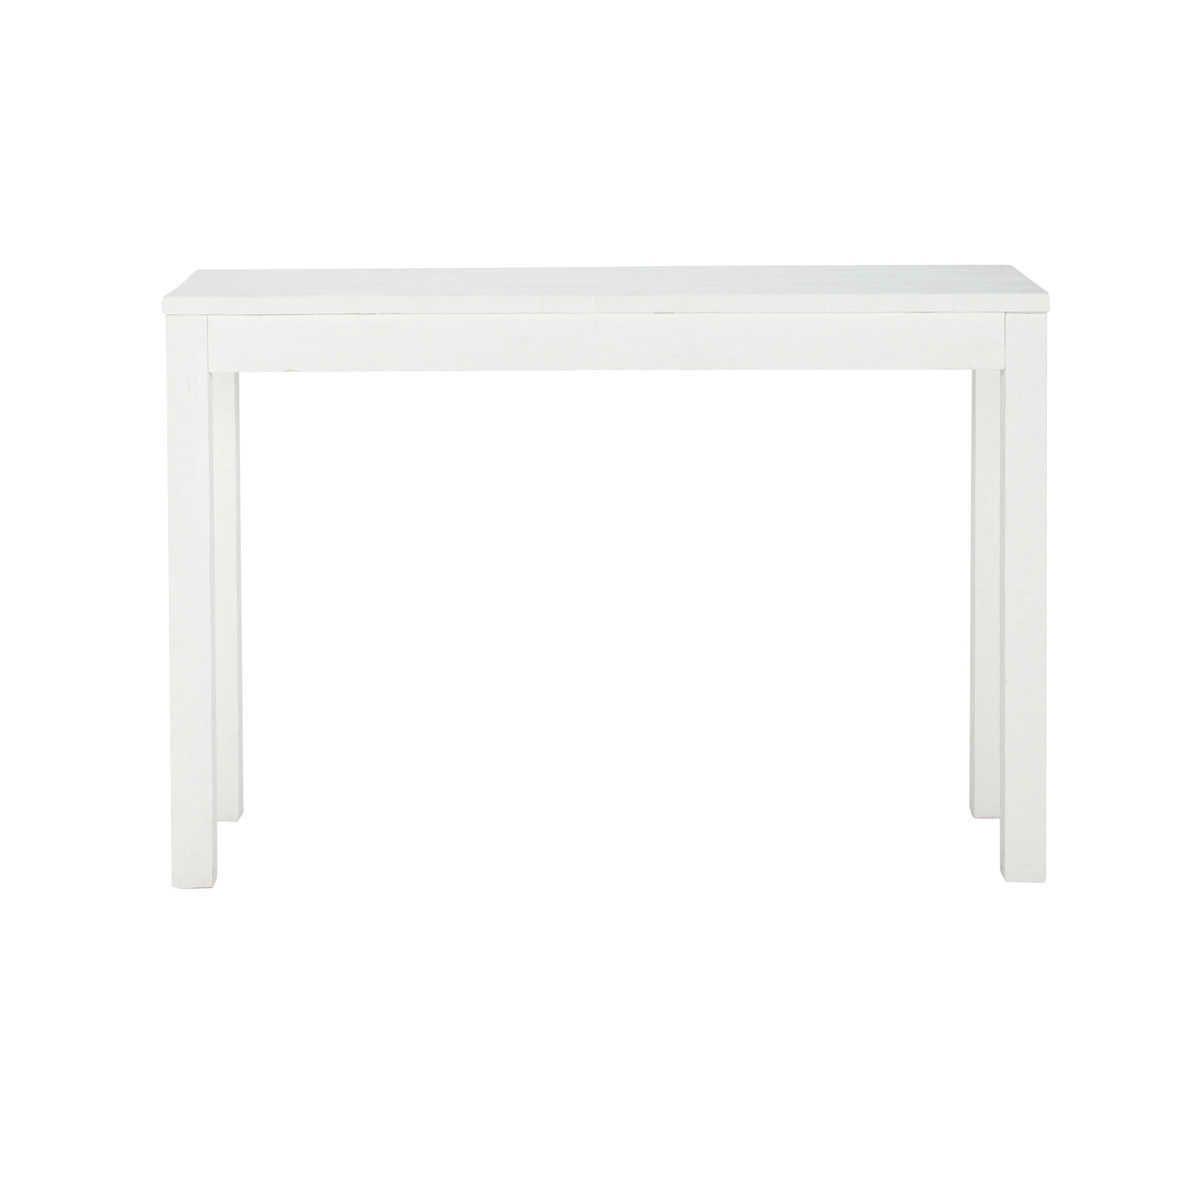 Consola de madera maciza blanca 120 cm de largo White | Recibidor ...